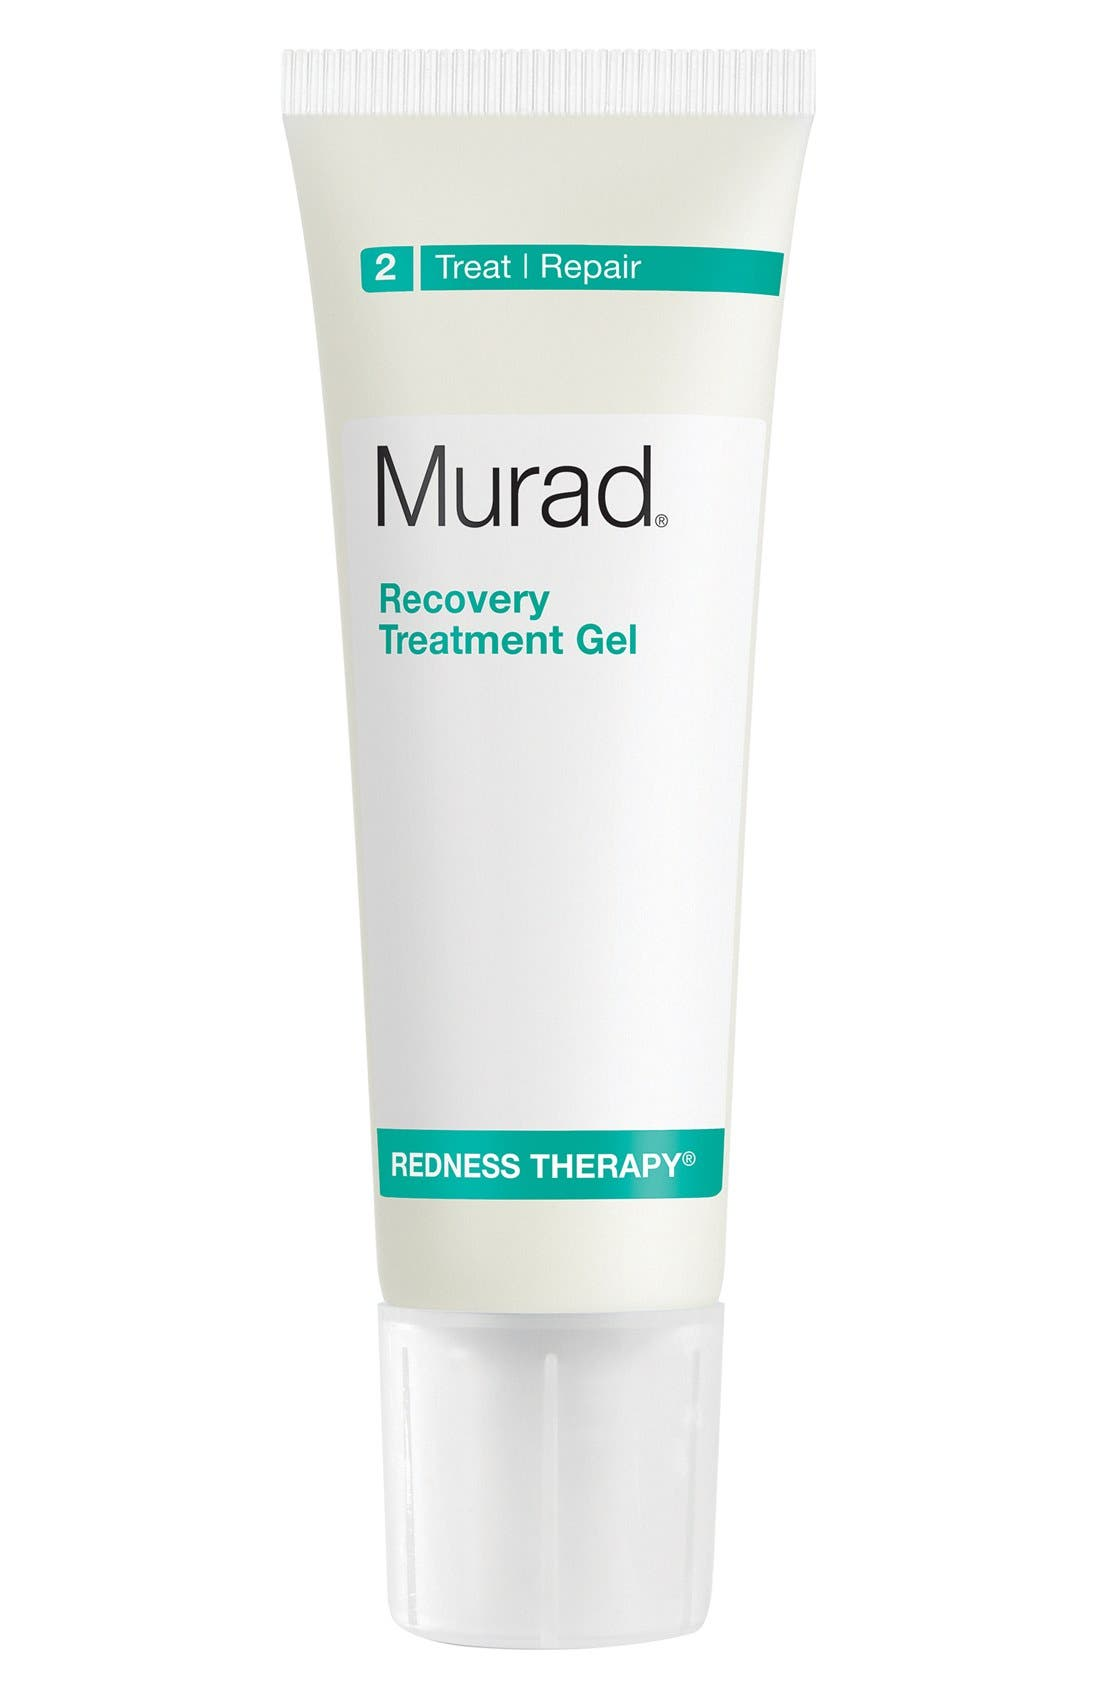 Murad® Recovery Treatment Gel